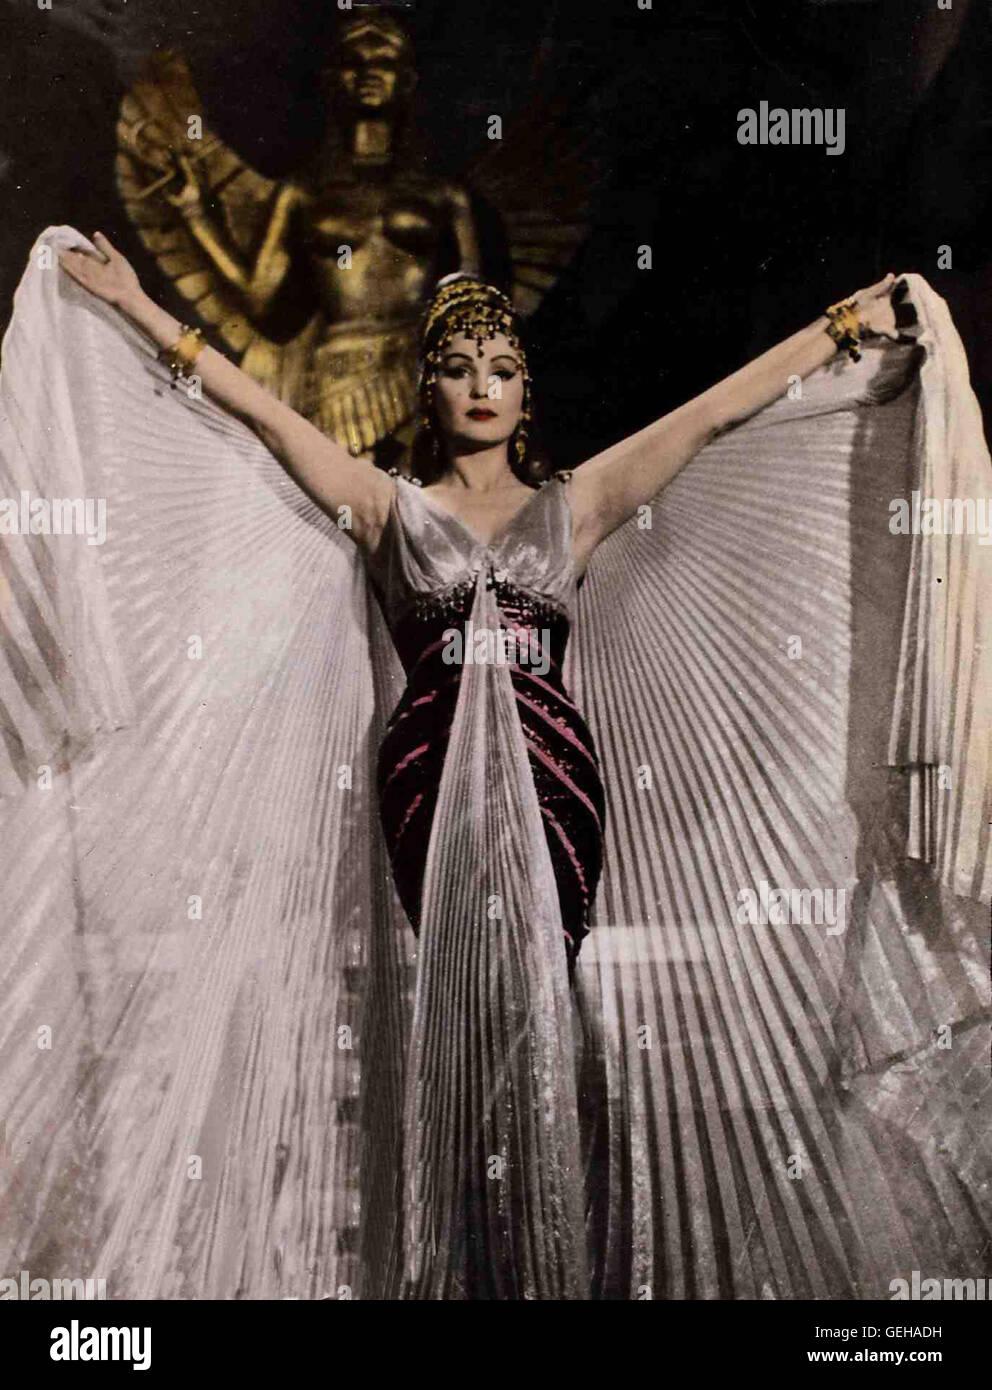 Moira Orfei *** Local Caption *** 1963, Eroe Die Babilonia, L', Die Sklavinnen Von Damaskus - Stock Image